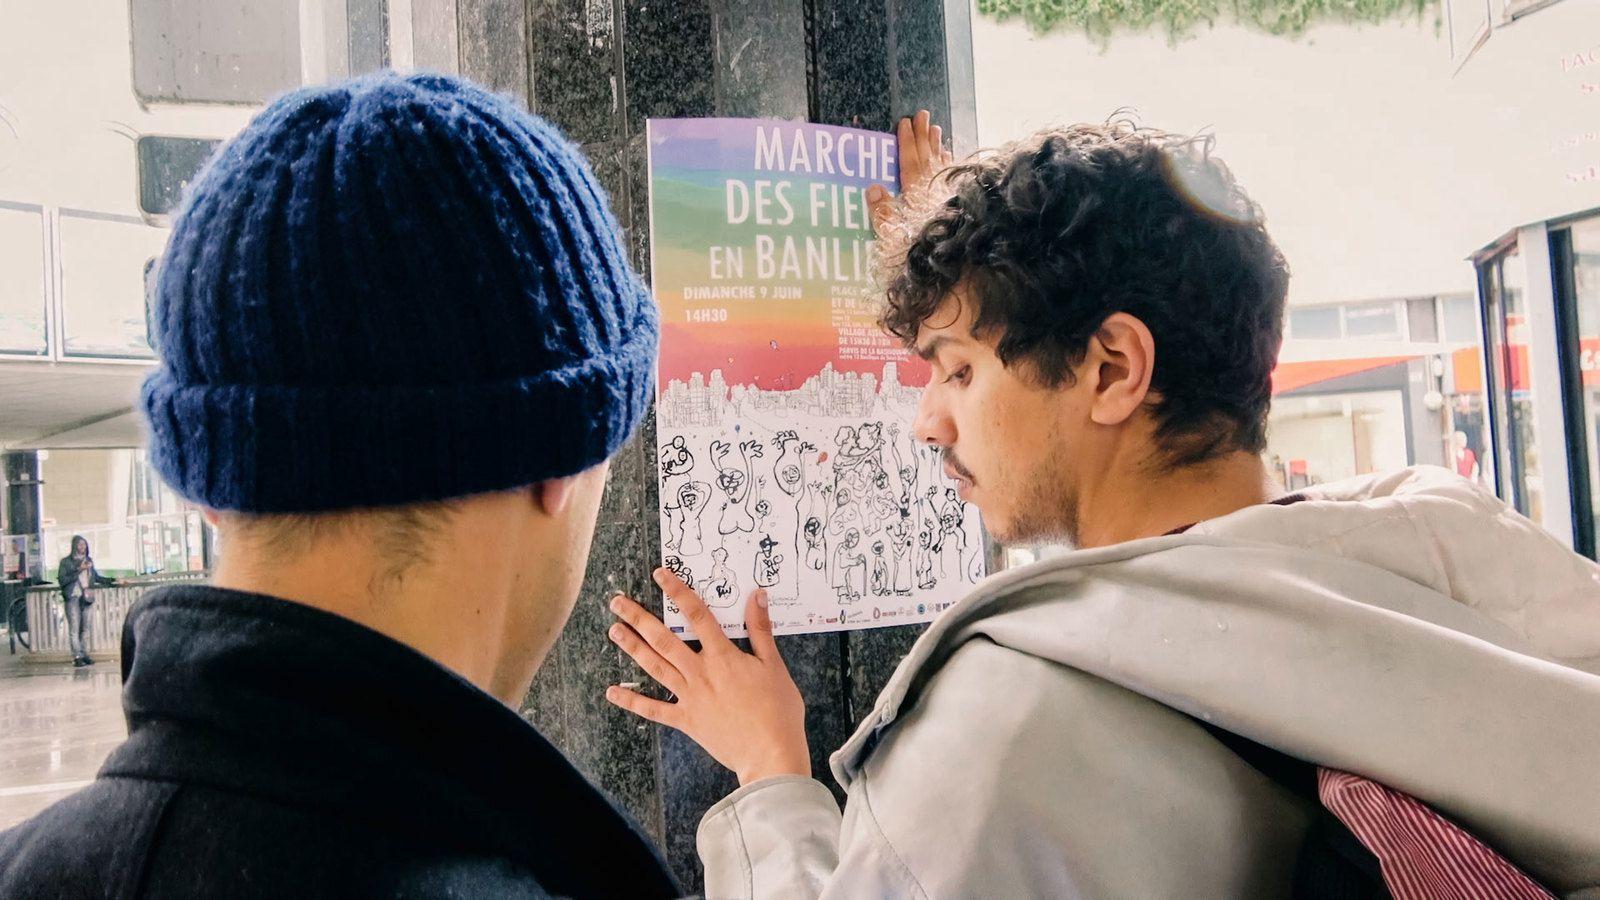 La première marche (BANDE-ANNONCE) Documentaire de Hakim Atoui et Baptiste Etchegaray - Le 14 octobre 2020 au cinéma